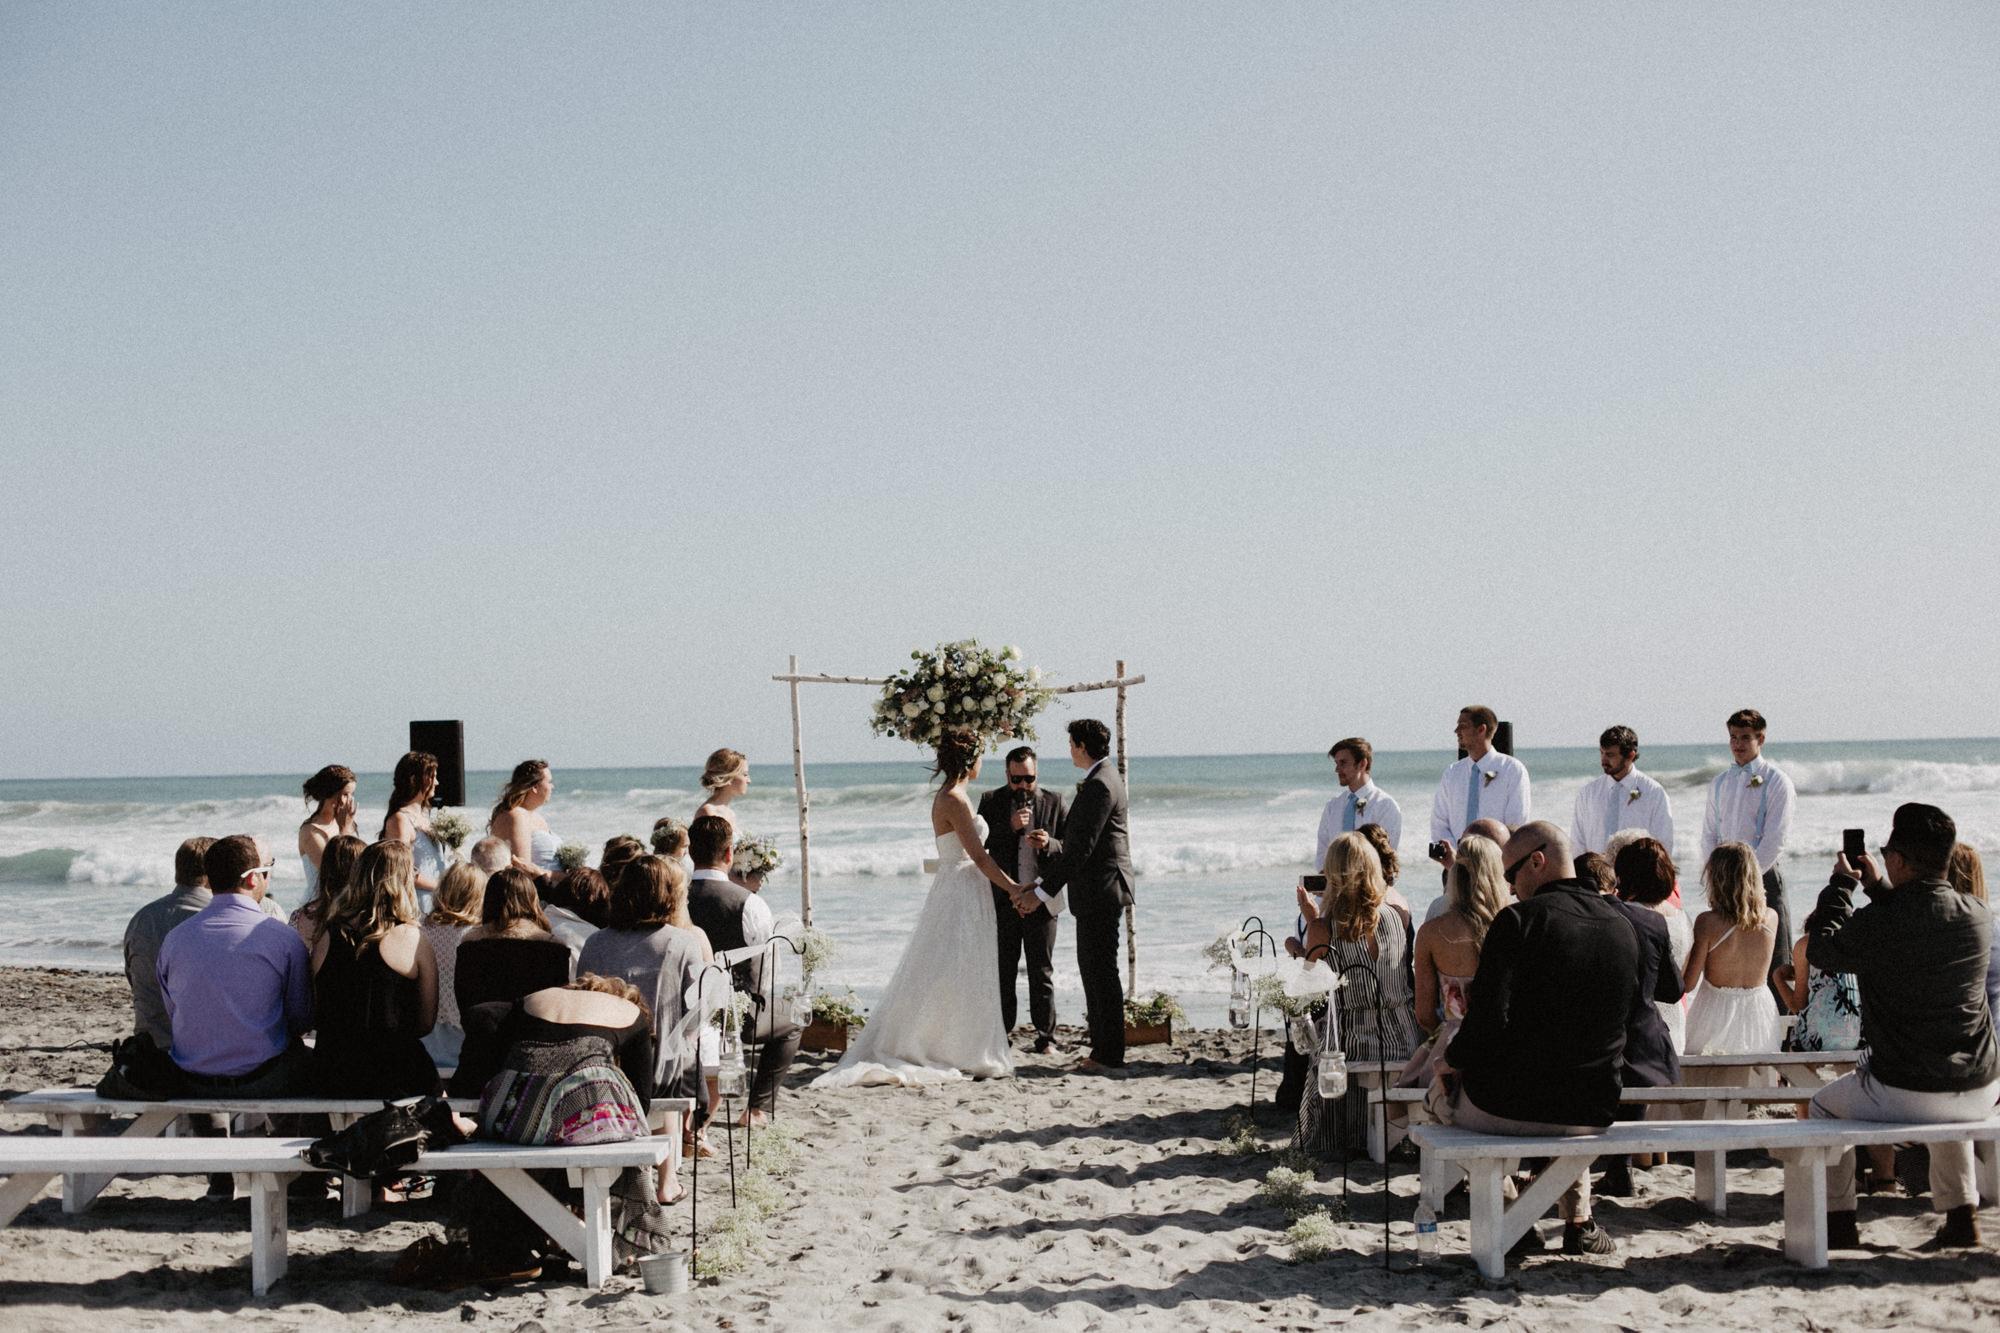 oceanside_airbnb_wedding-25.jpg